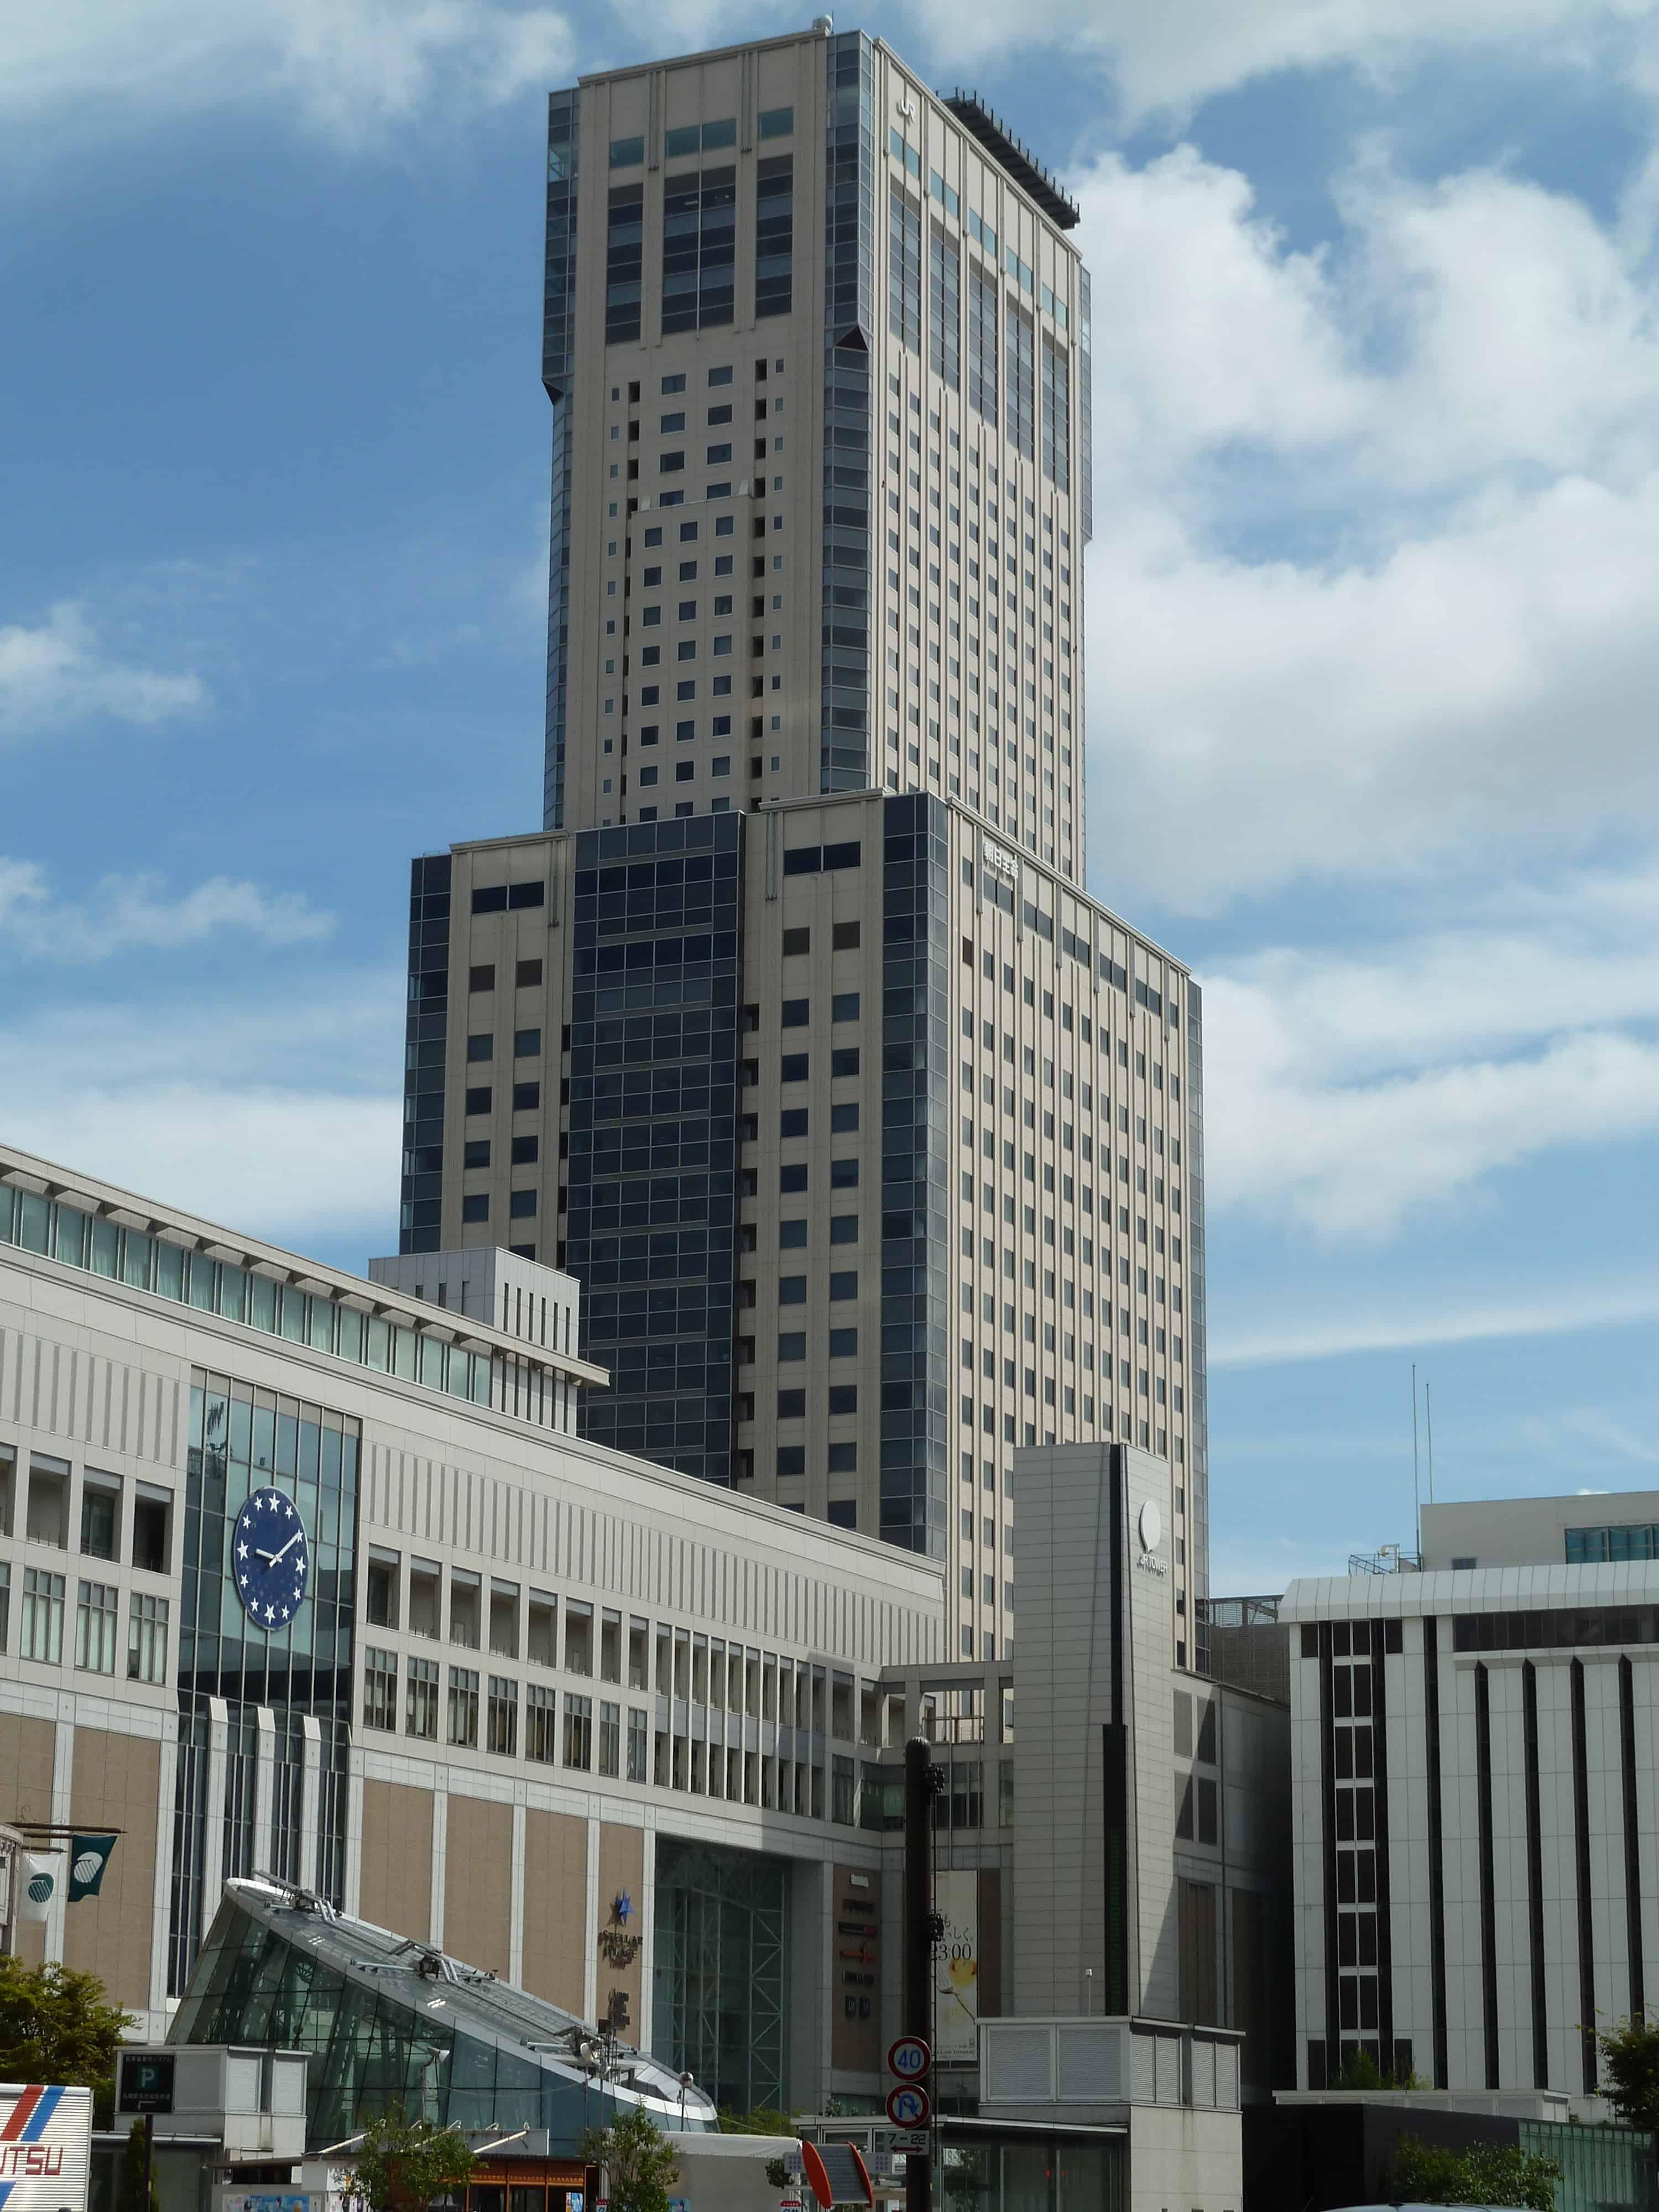 10 ทาวเวอร์ในญี่ปุ่น : Sapporo JR Tower (札幌JRタワー)